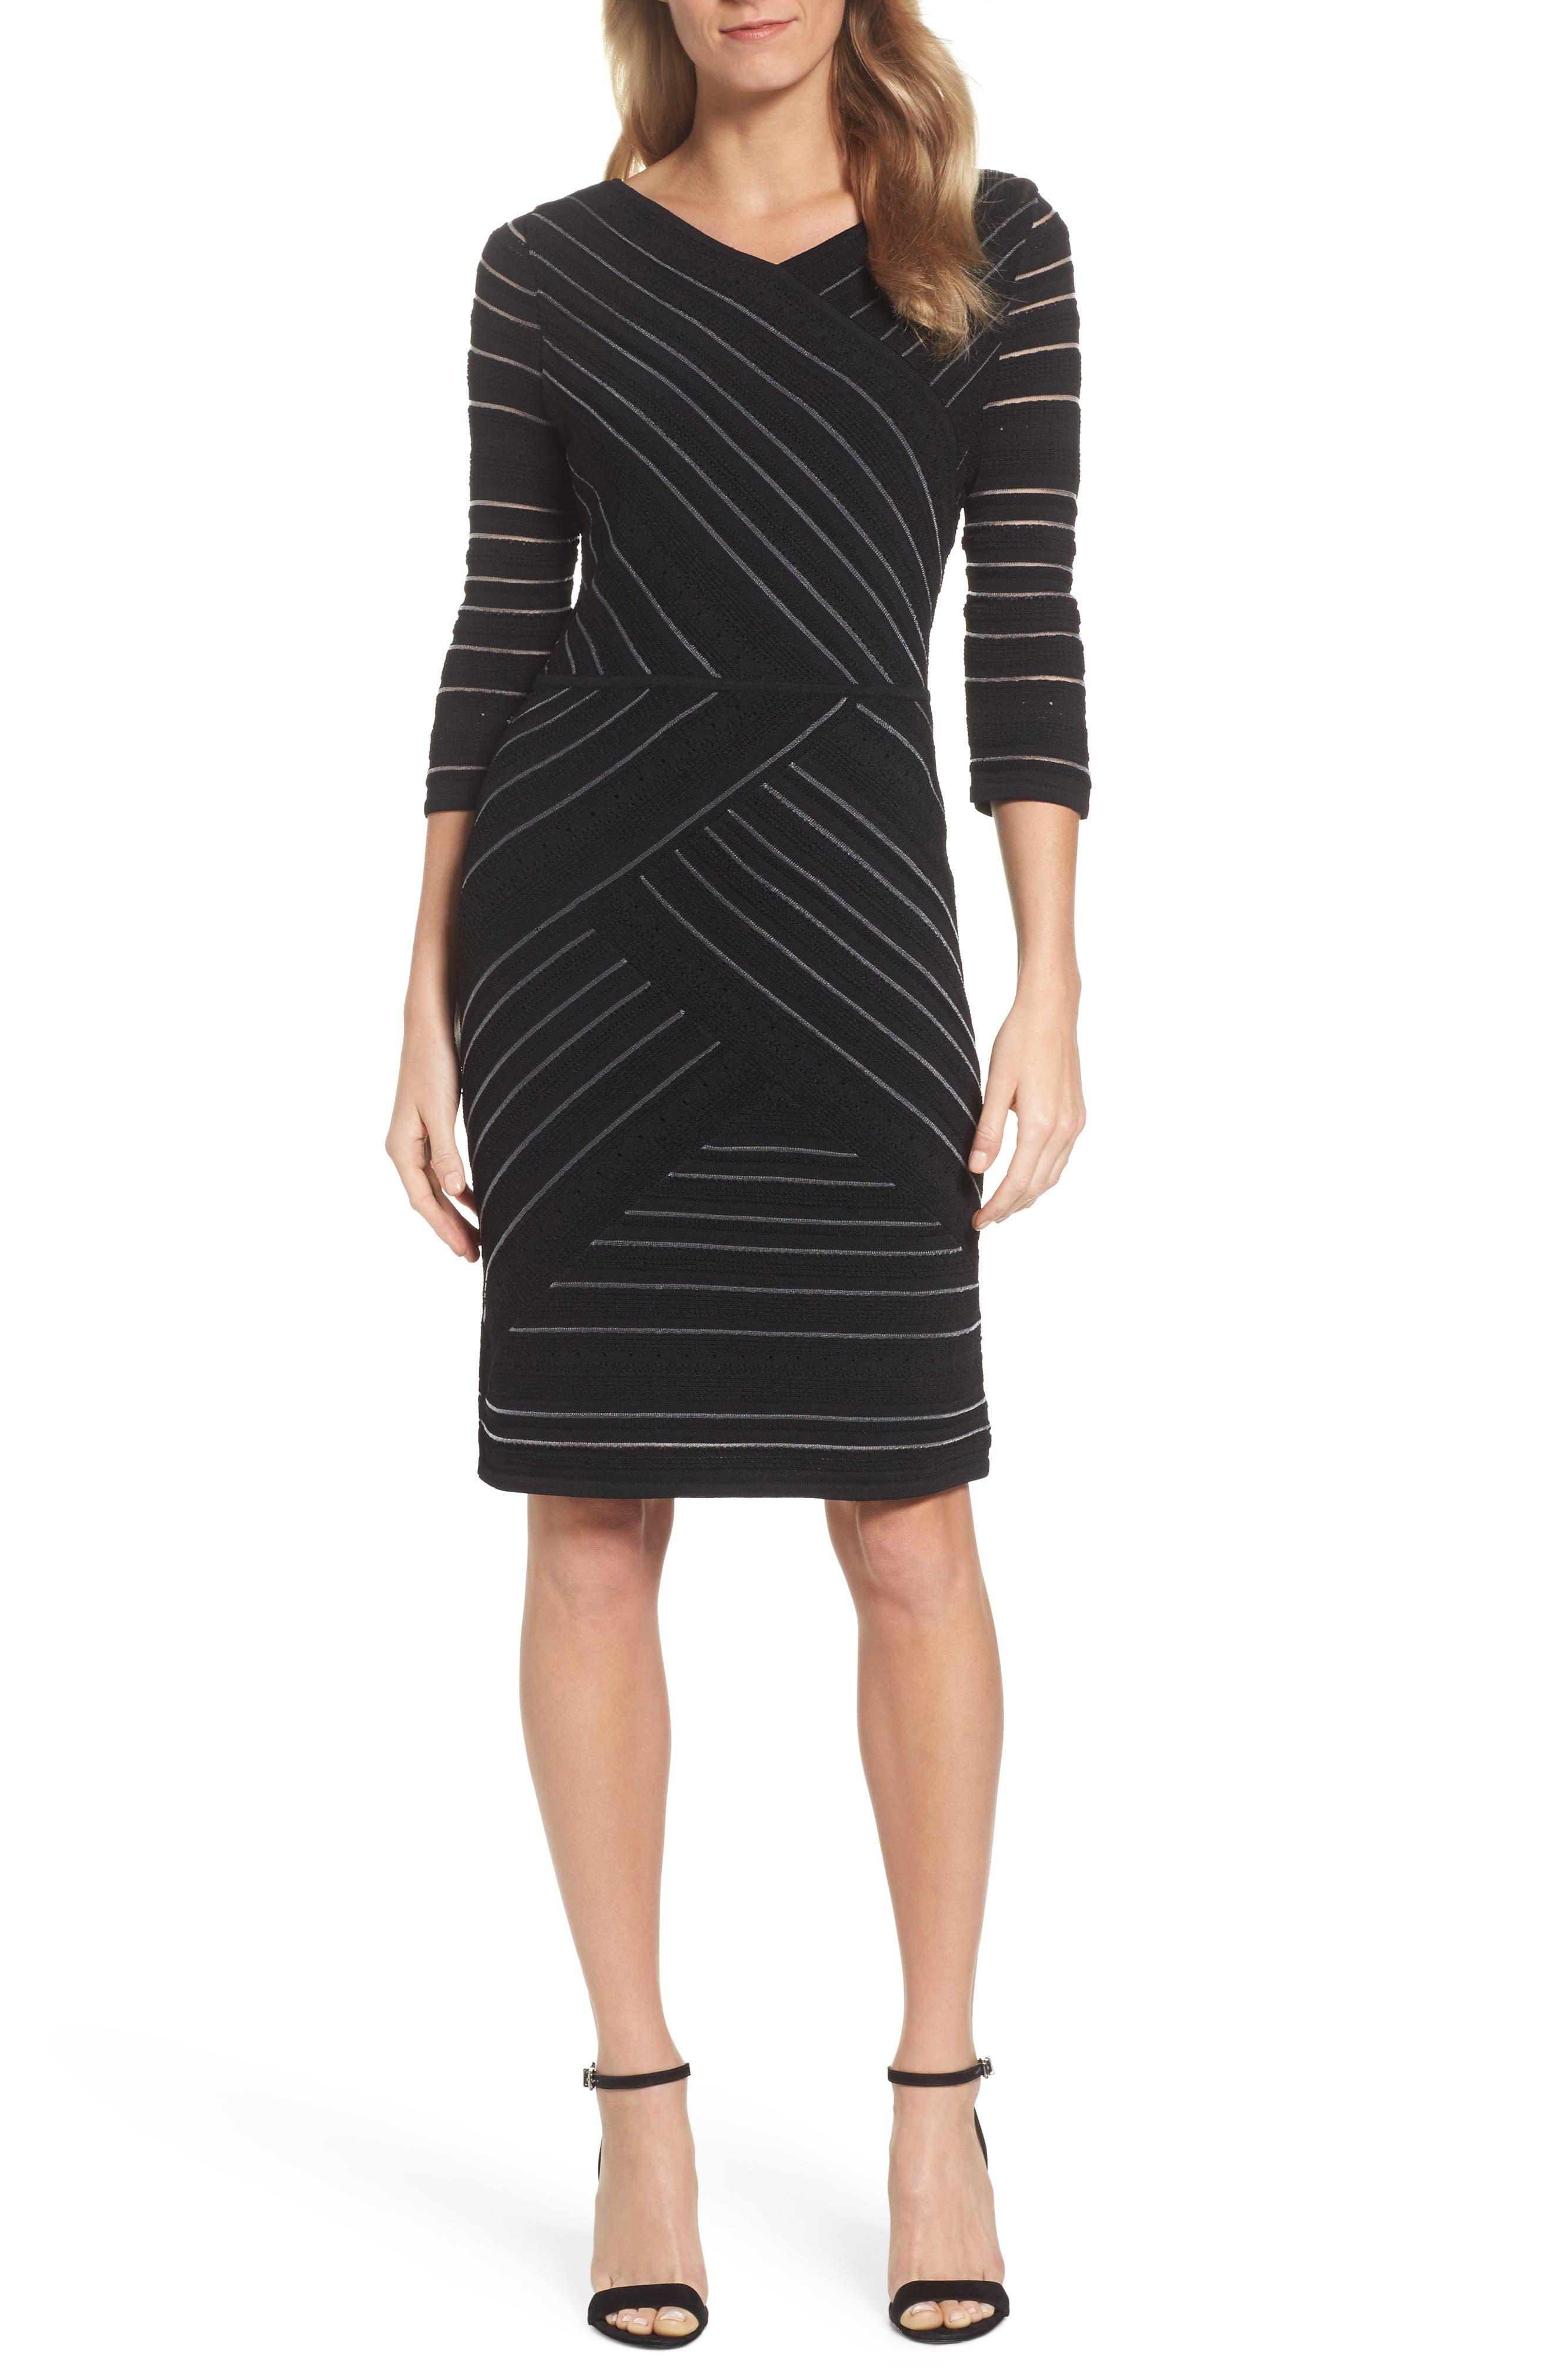 NIC+ ZOE Wrapped Up Sheath Dress,                         Main,                         color, 004